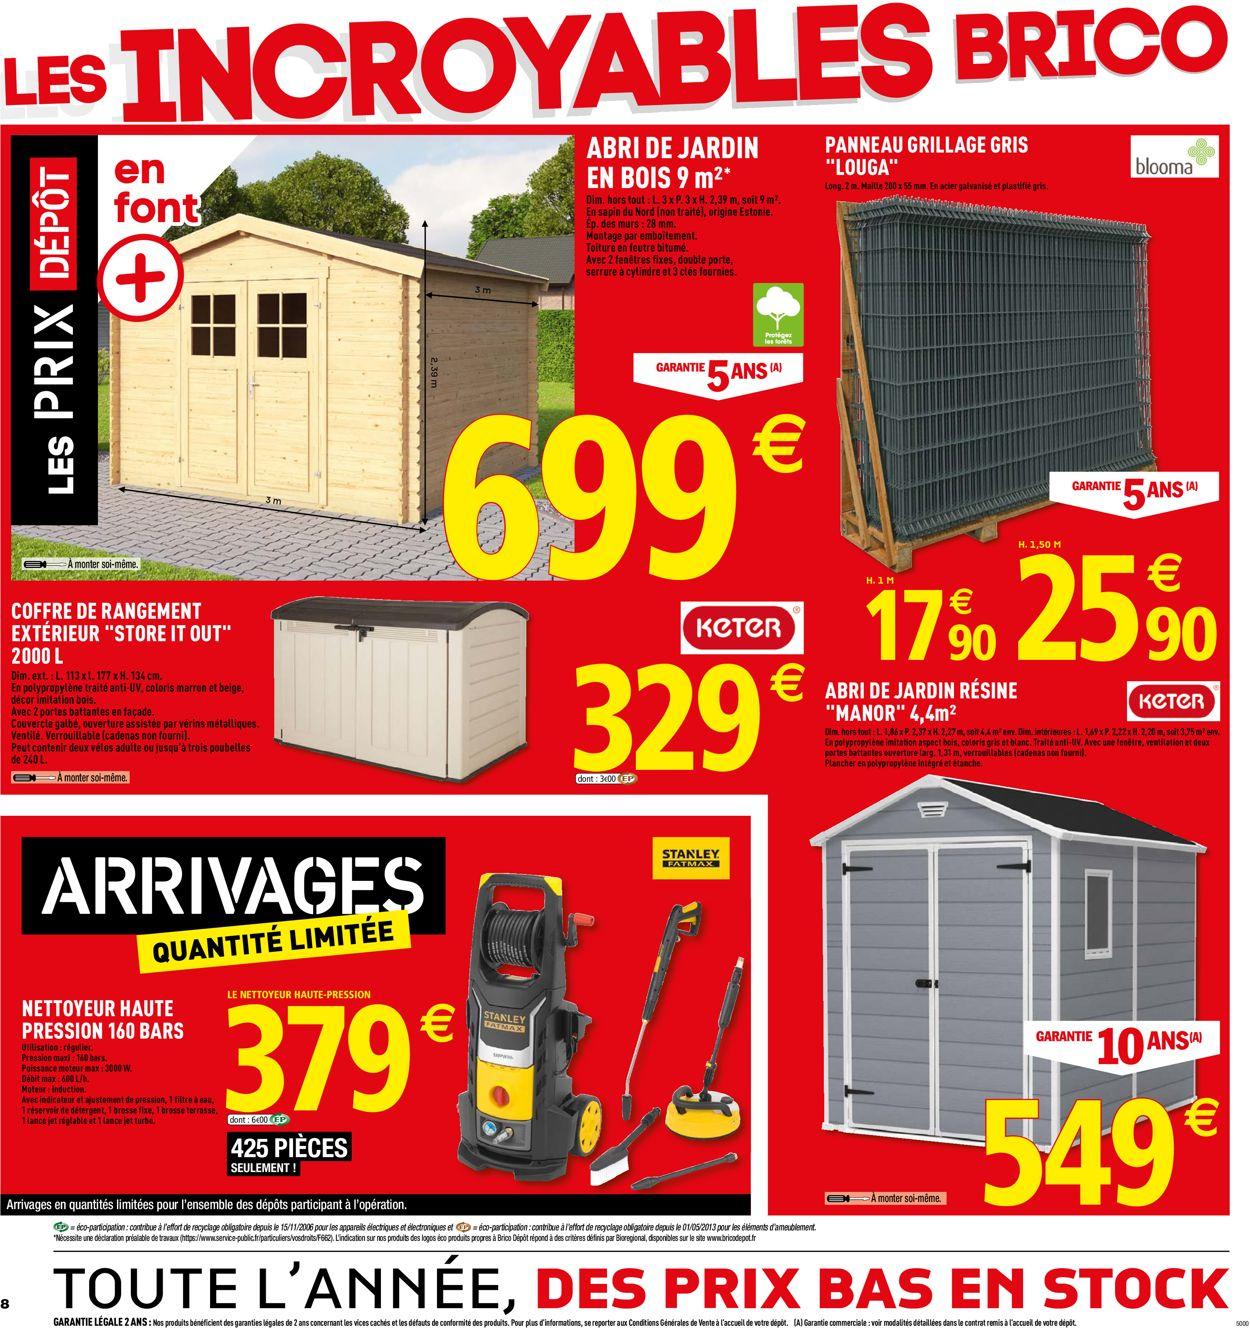 Brico Dépôt Catalogue Actuel 07.06 - 30.06.2019 [8 ... destiné Abri De Jardin Brico Depot